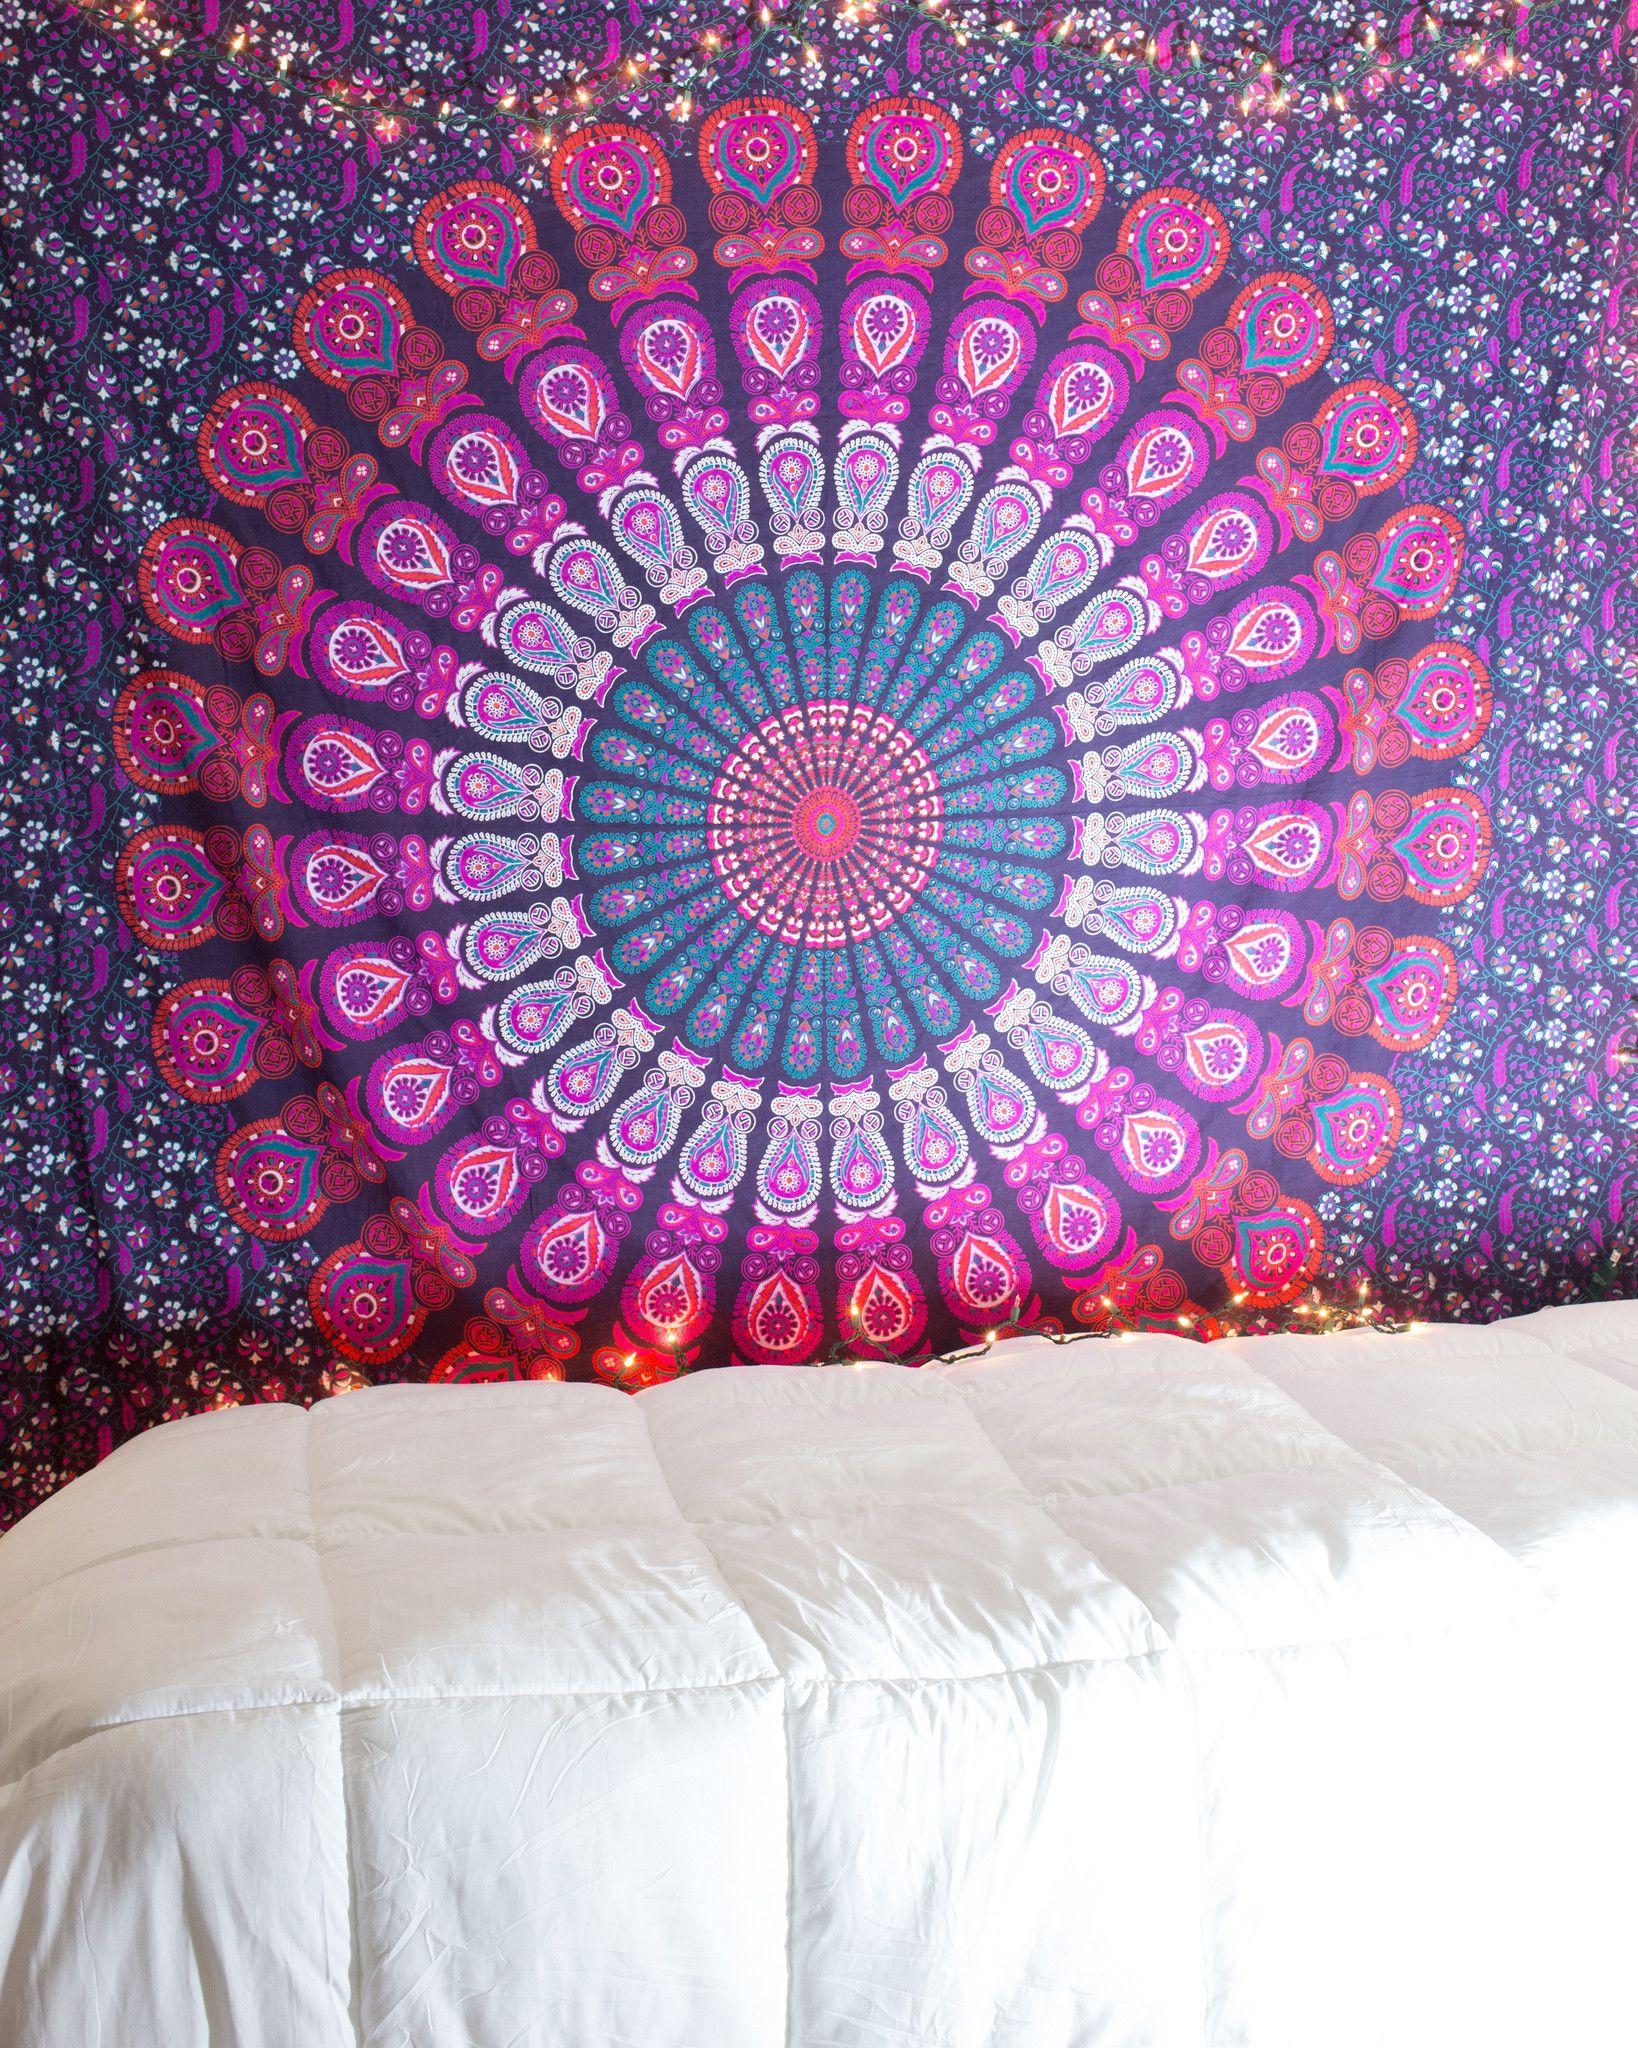 Purple & Pink Mandala Tapestry at $24.99 | http://www.thebohemianshop.com #MandalaTapestries #Bohemian